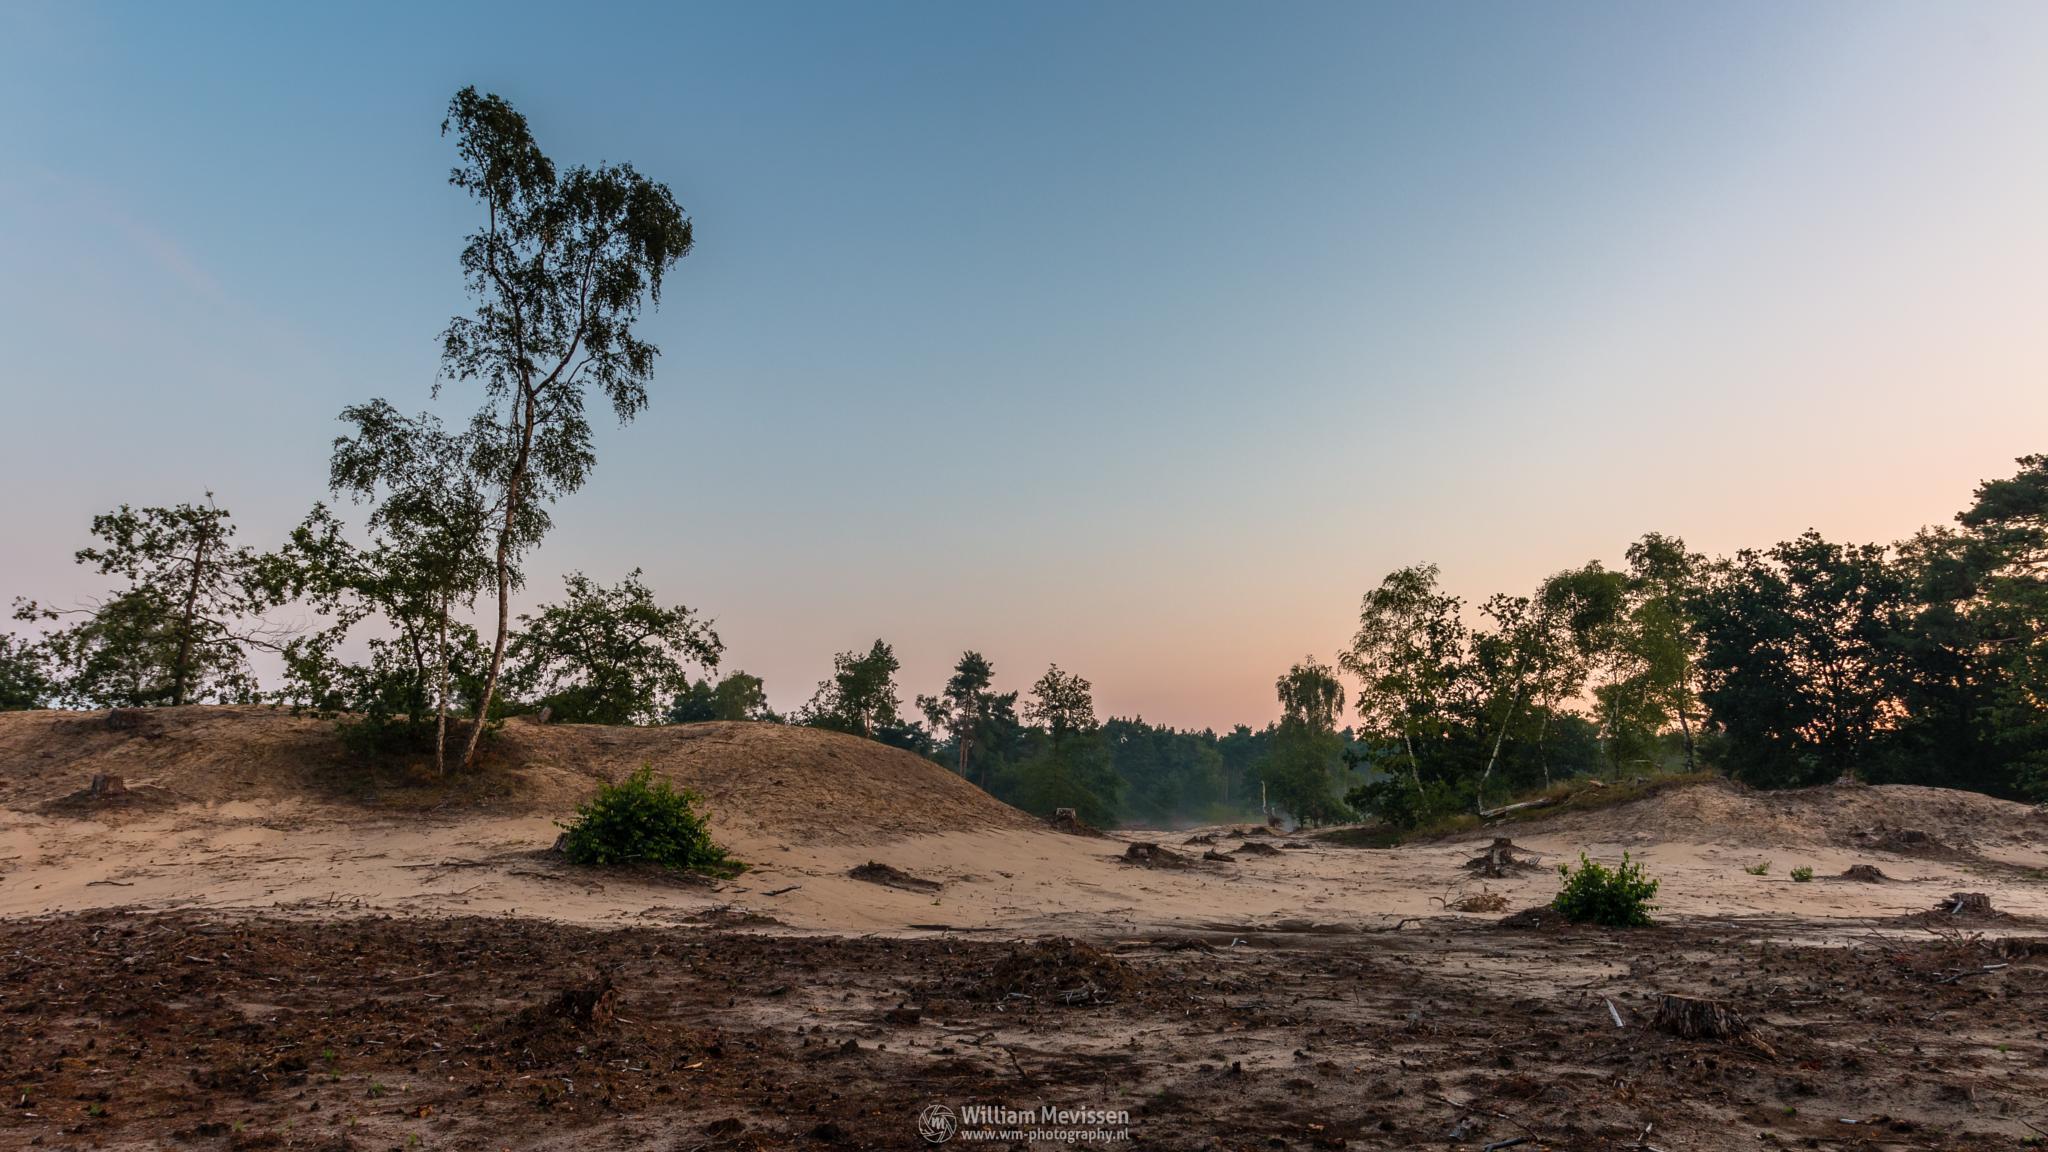 Desolate Land by William Mevissen